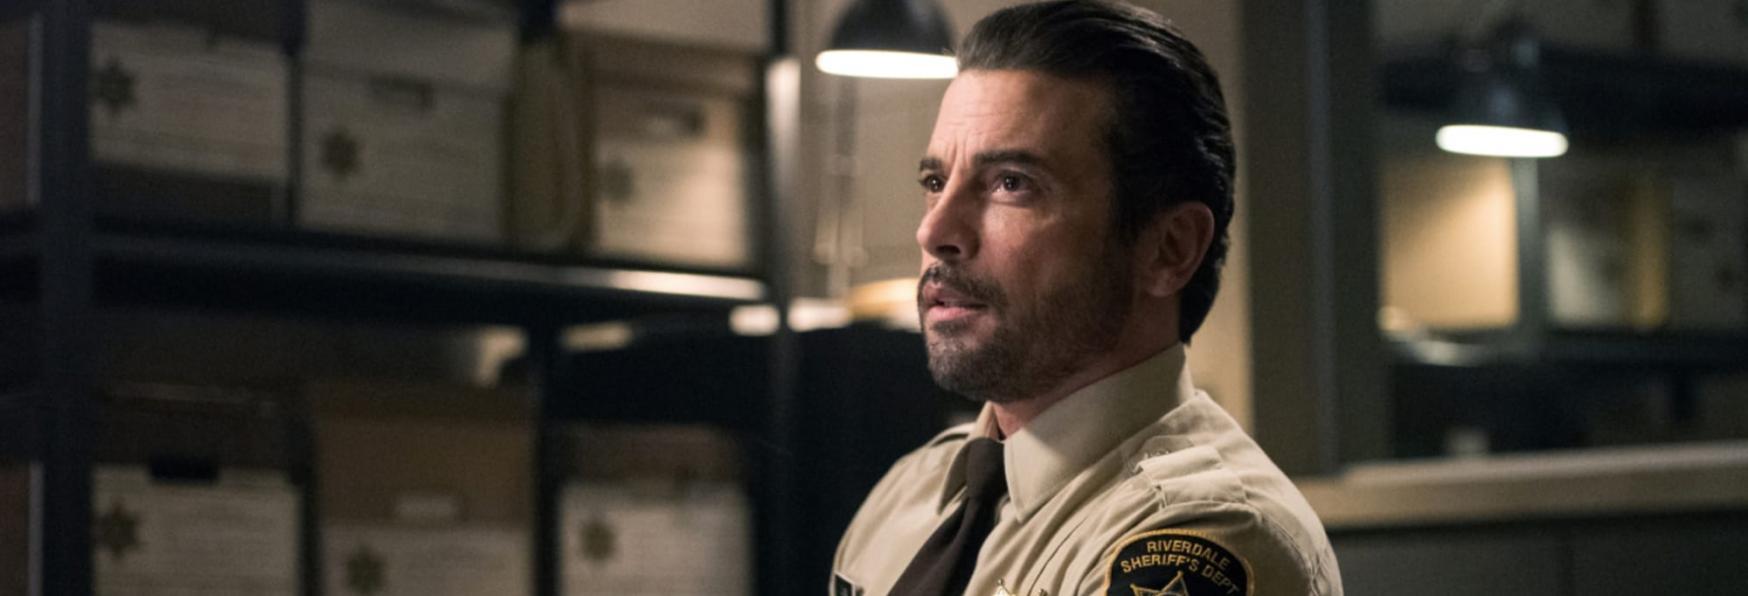 Riverdale 5: Skeet Ulrich commenta il suo Addio alla Serie TV targata The CW